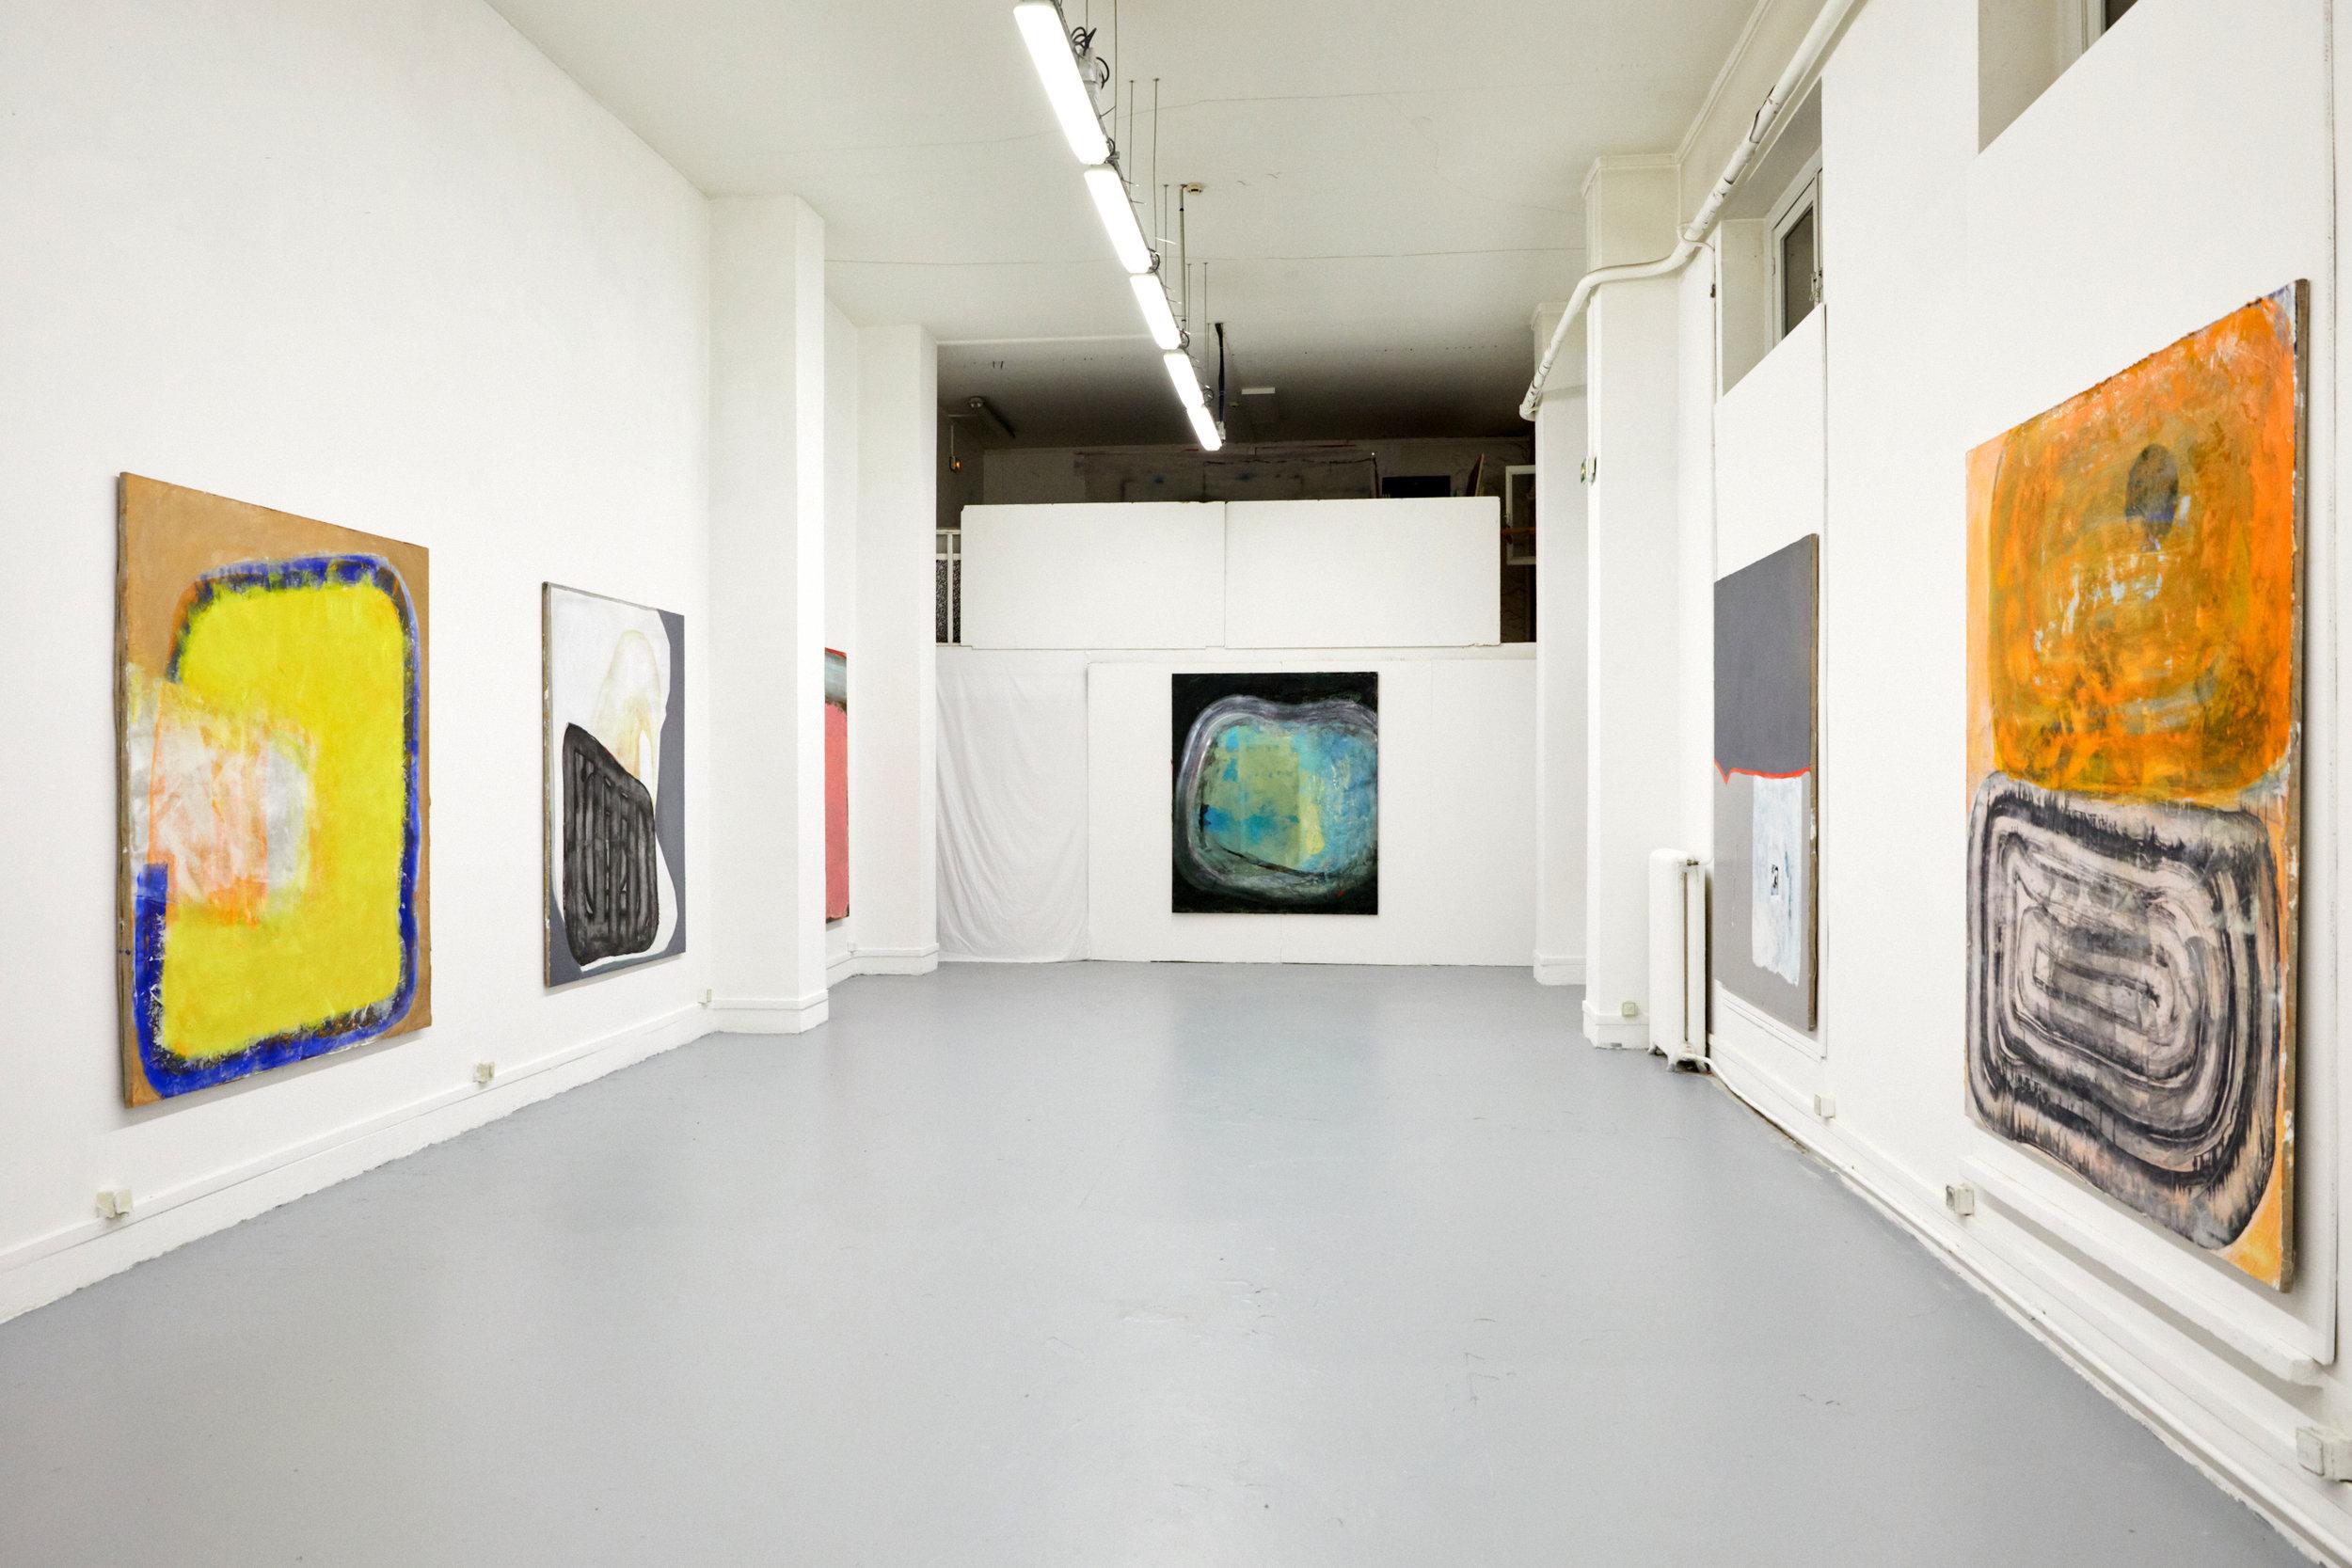 """""""Red hill"""" Masters degree show, Ecole Nationale Supérieure des Beaux-Arts de Paris, France  December 2018  Shot by Timotheus Theisen"""